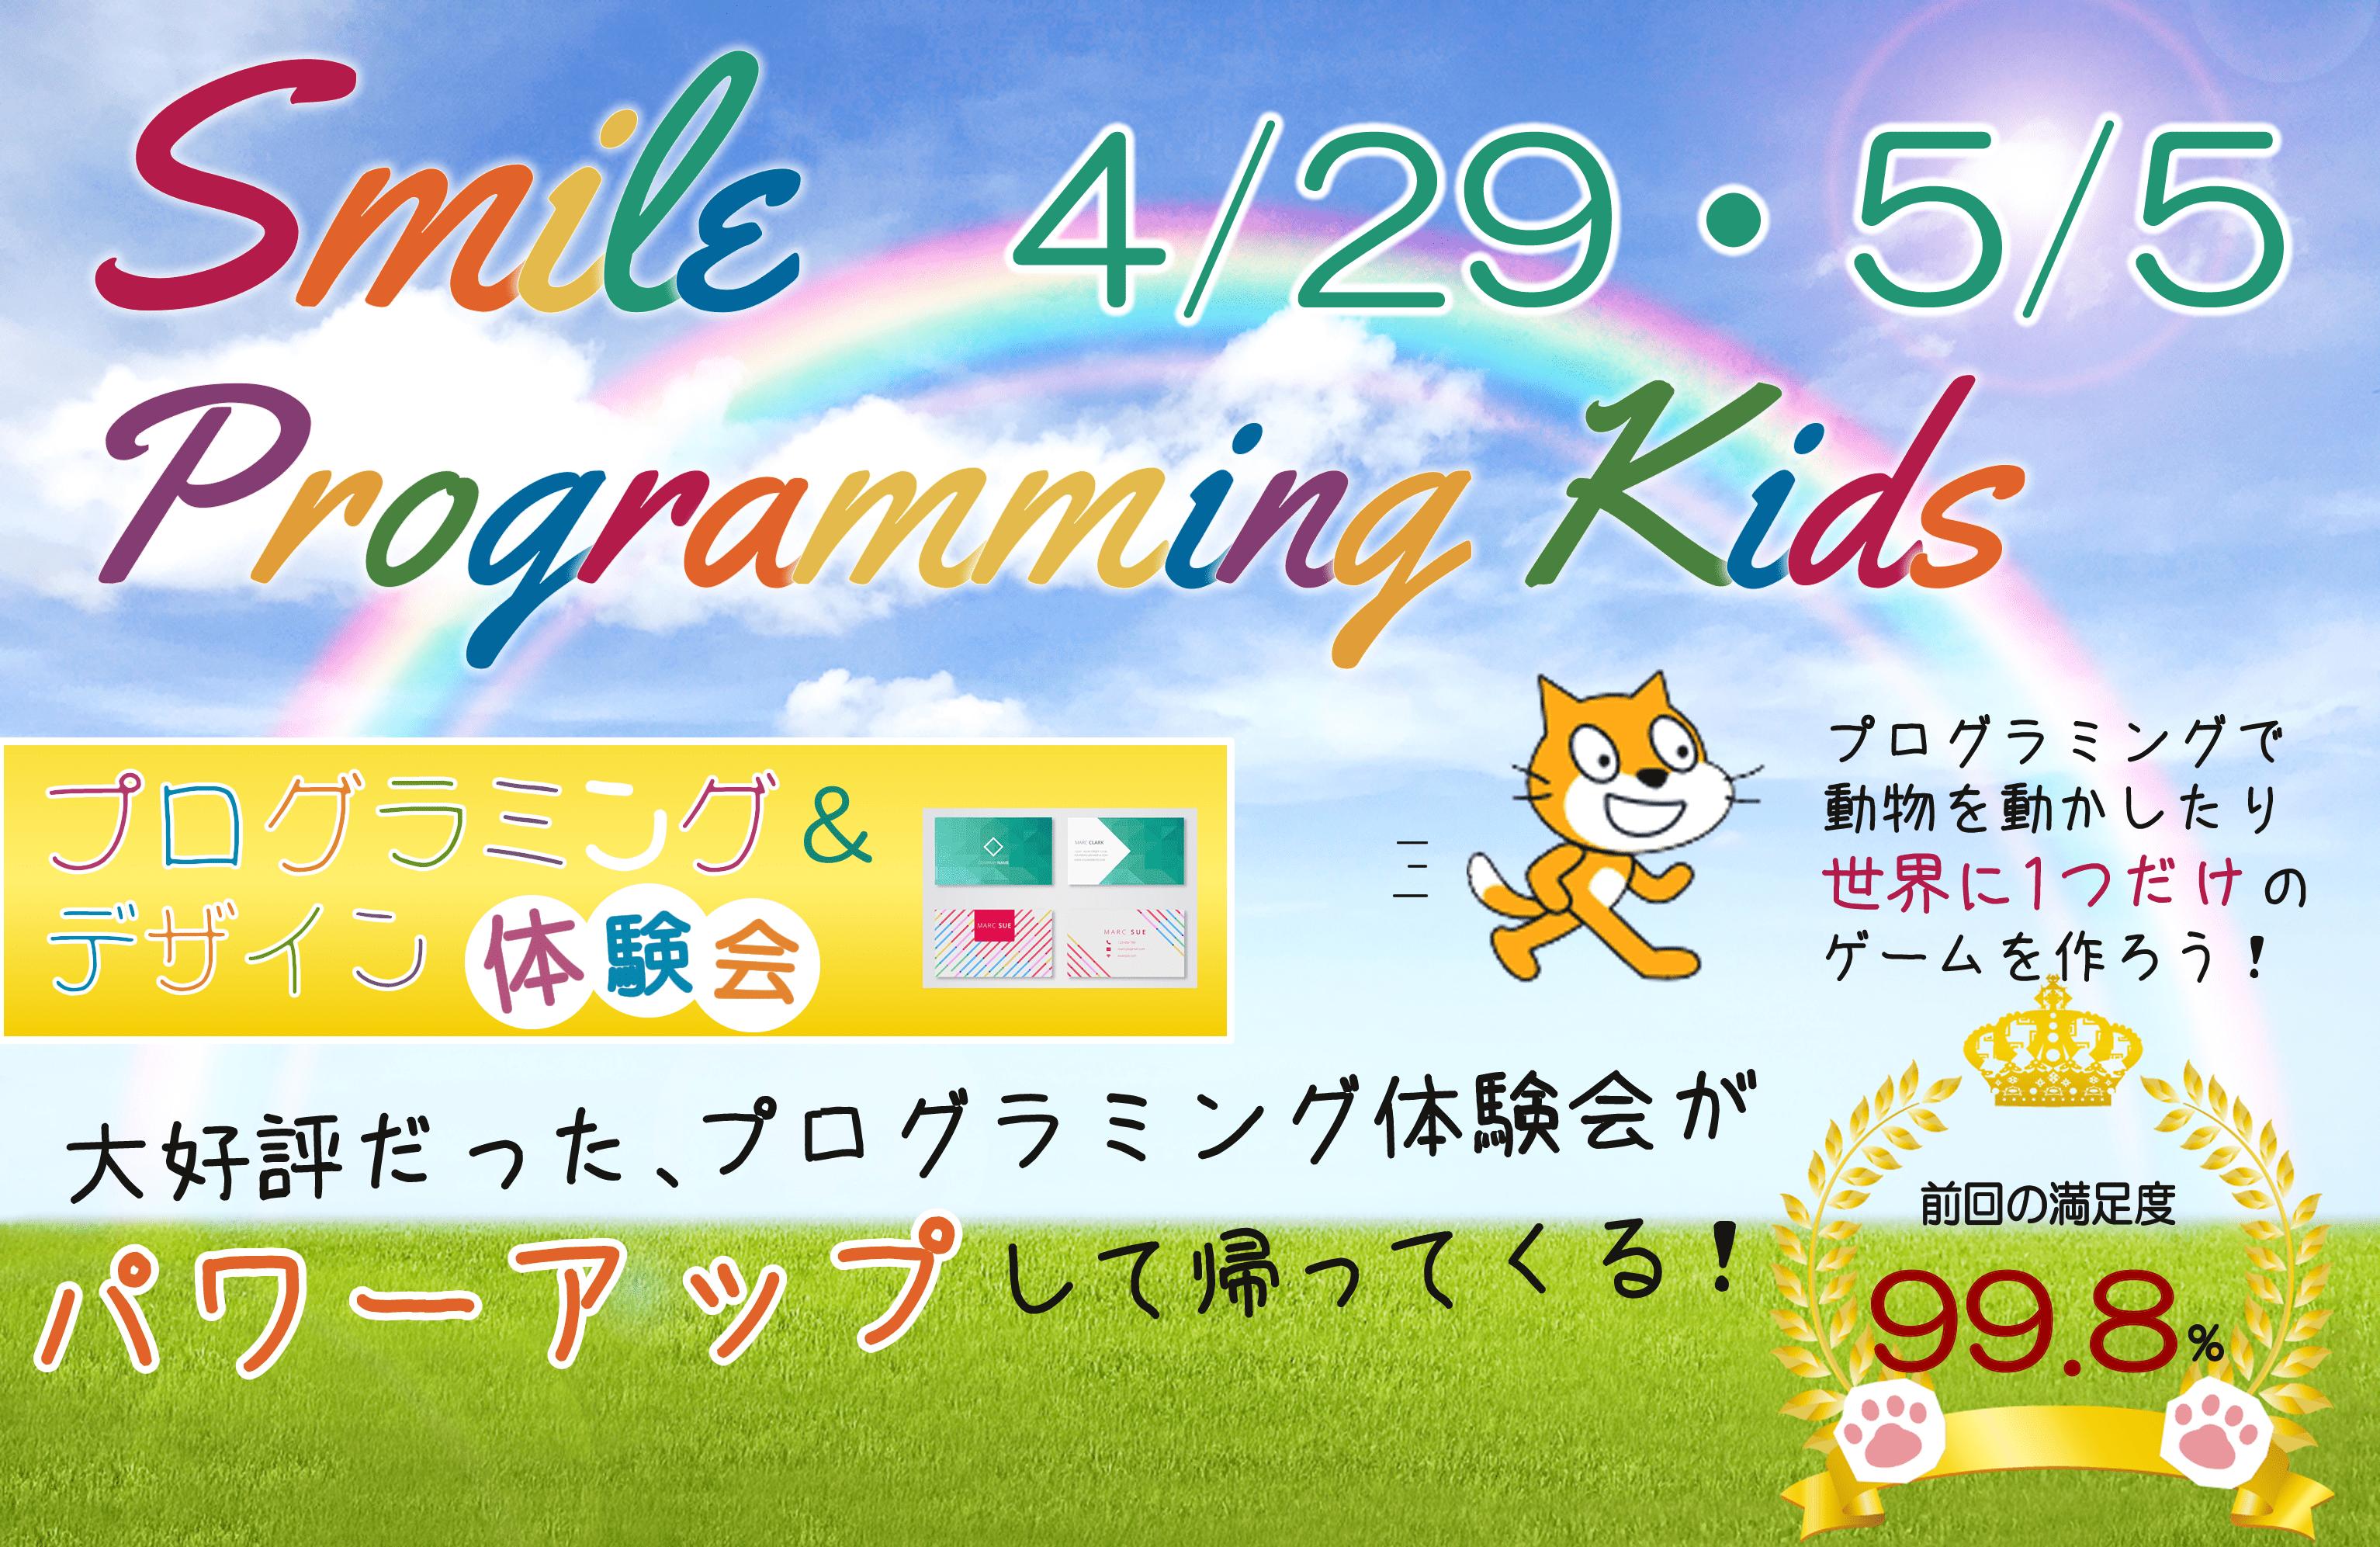 プログラミング&デザイン体験会